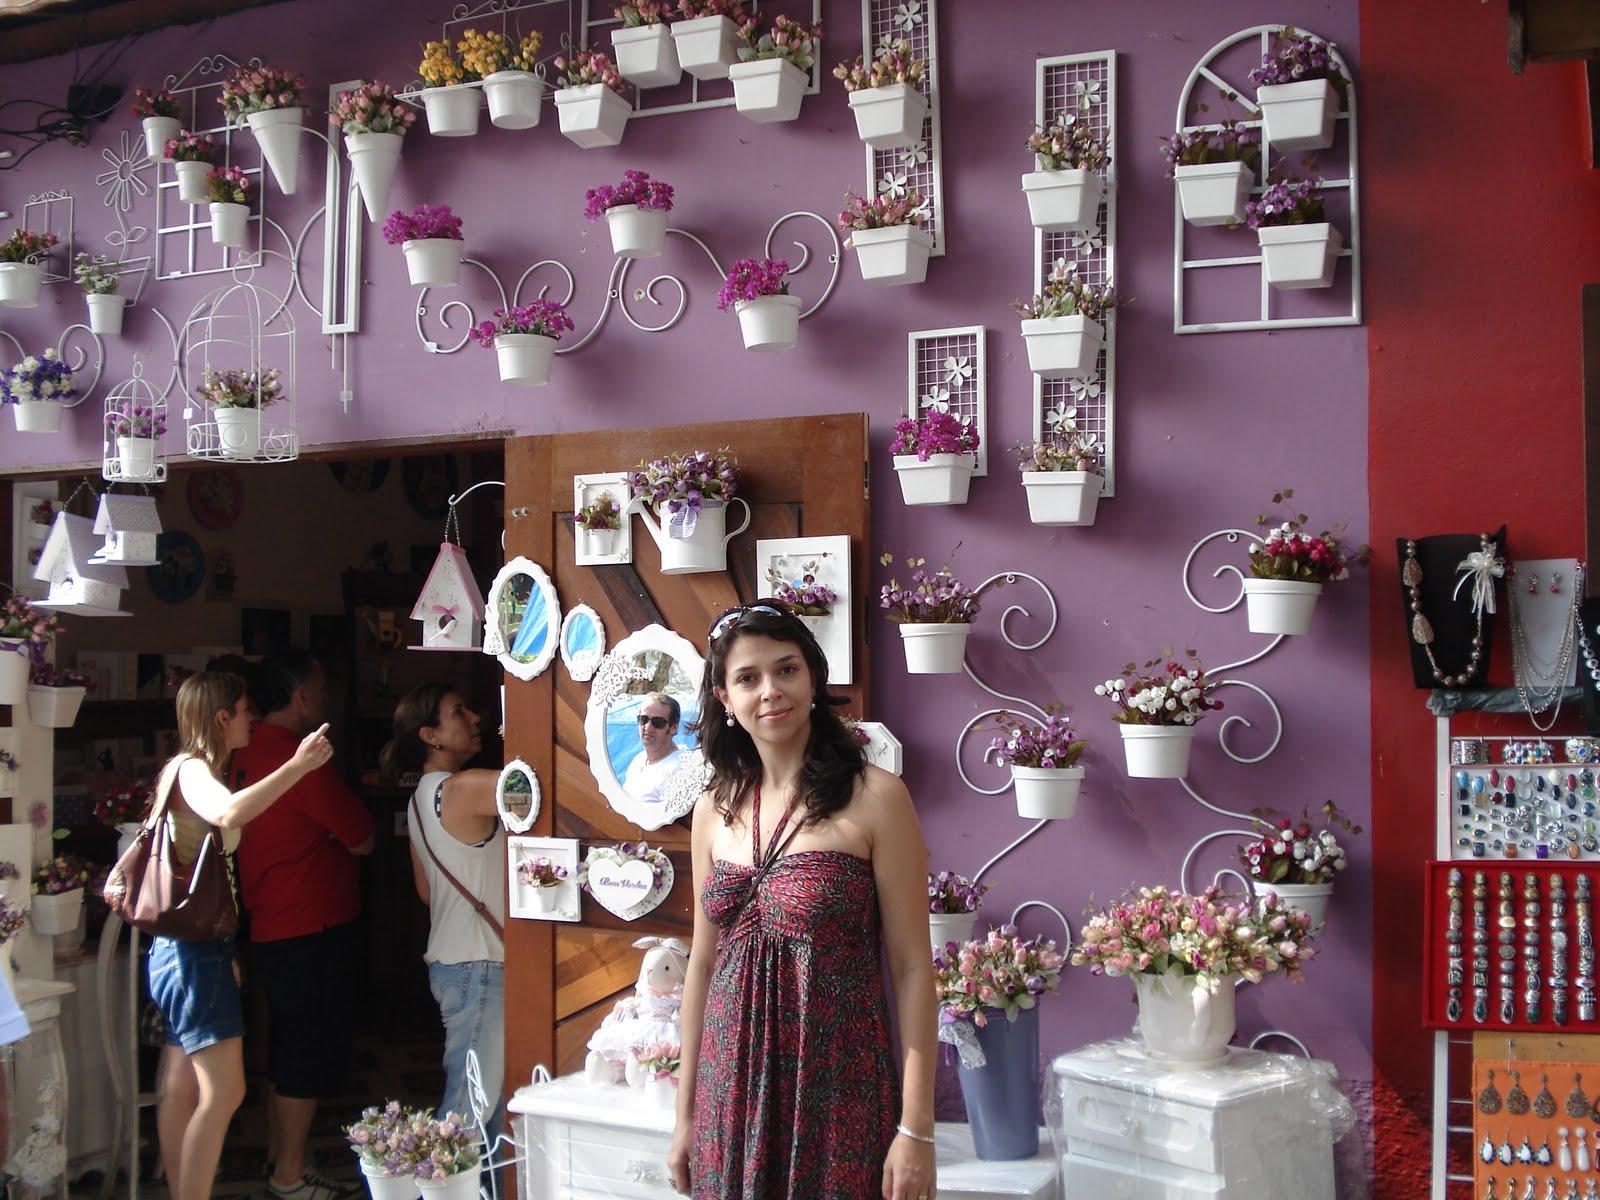 de artesanato com móveis lindíssimos e objetos de decoração que #985733 1600x1200